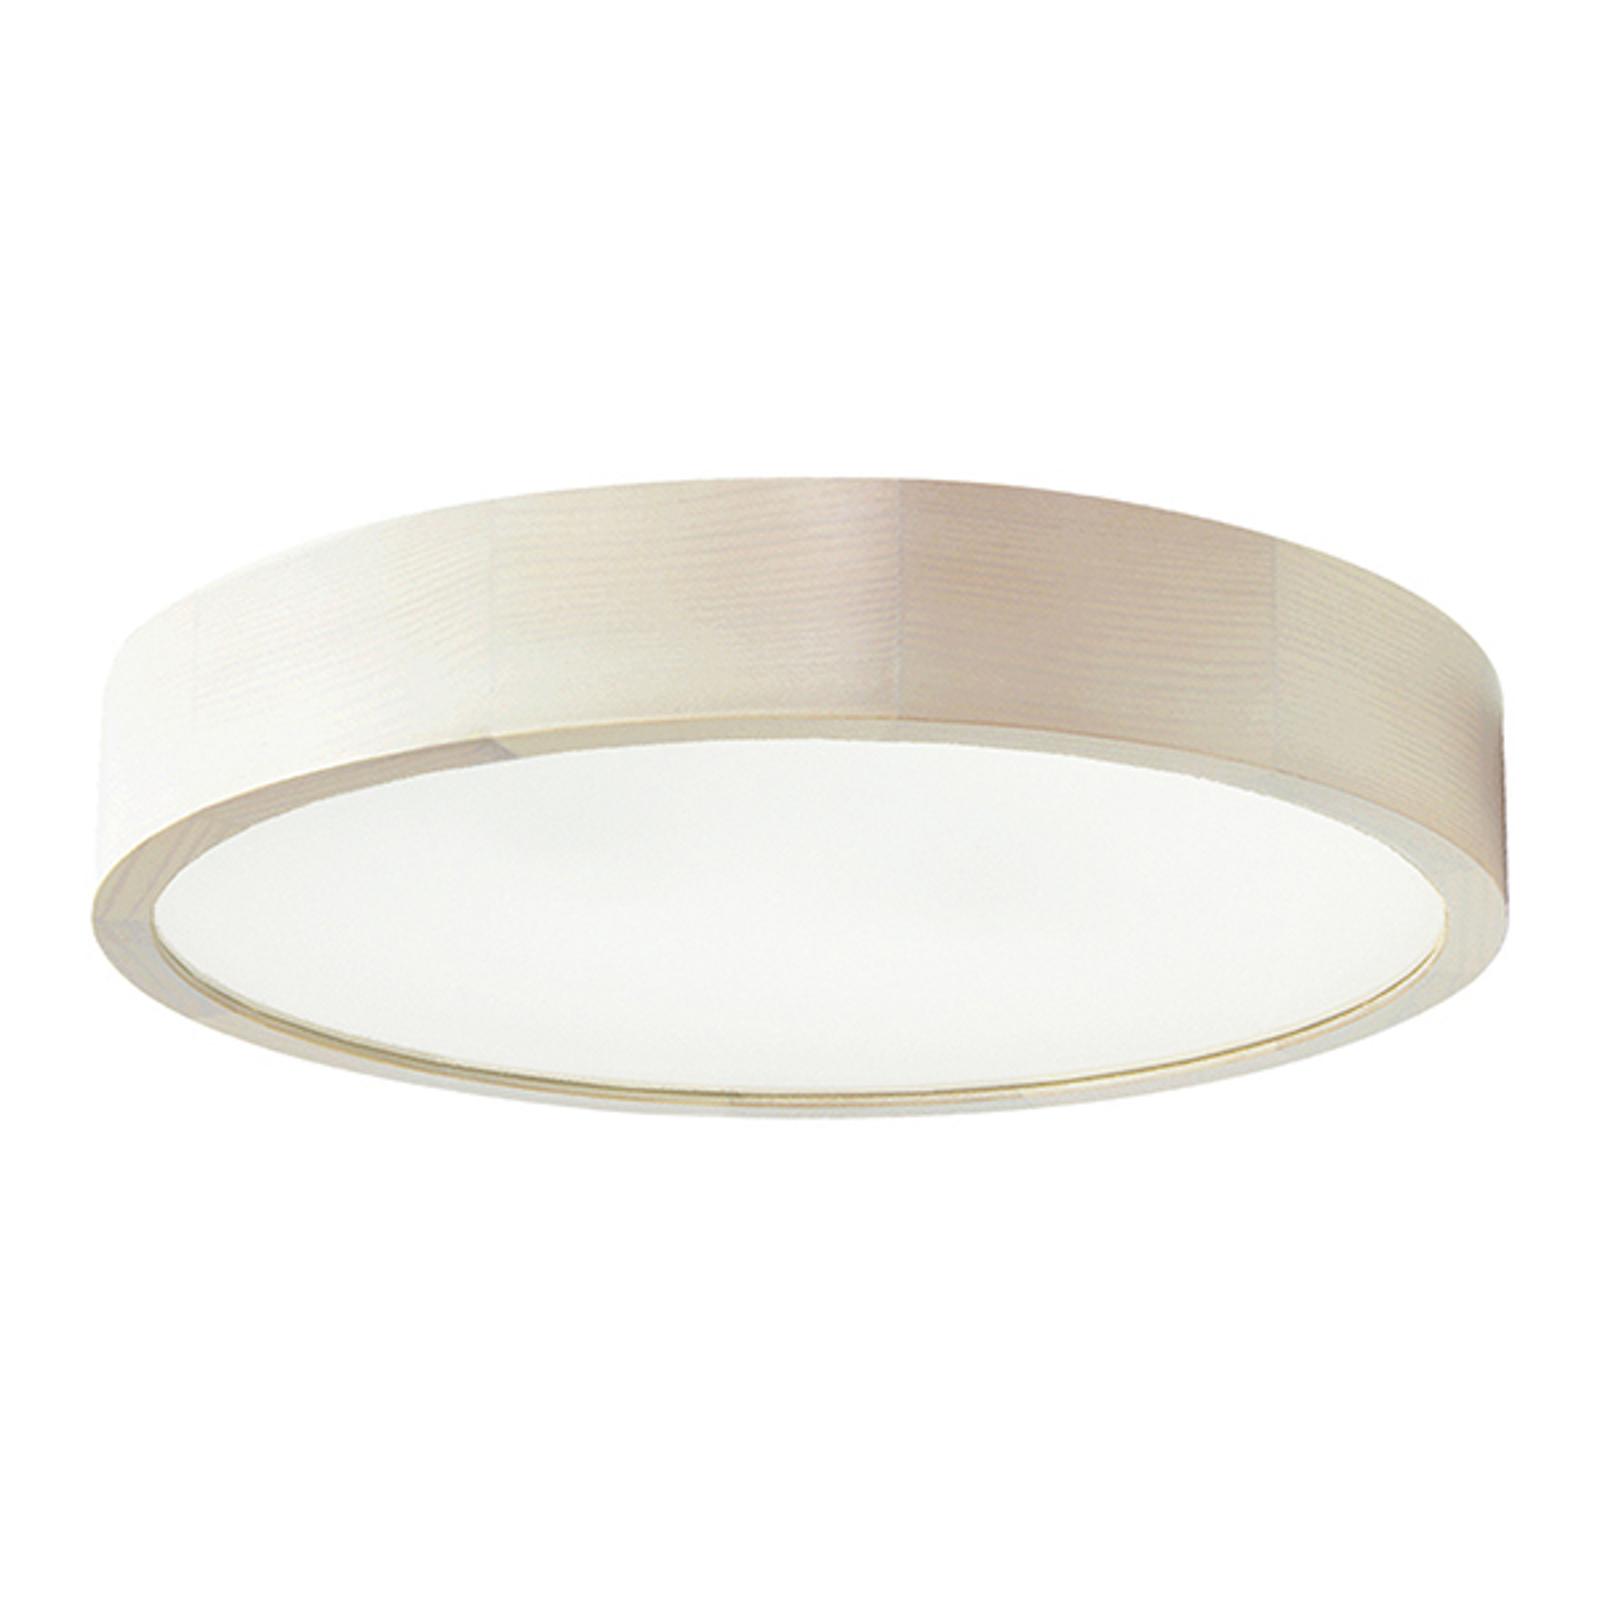 LED-Deckenleuchte Cleo, Ø 48 cm, weiß